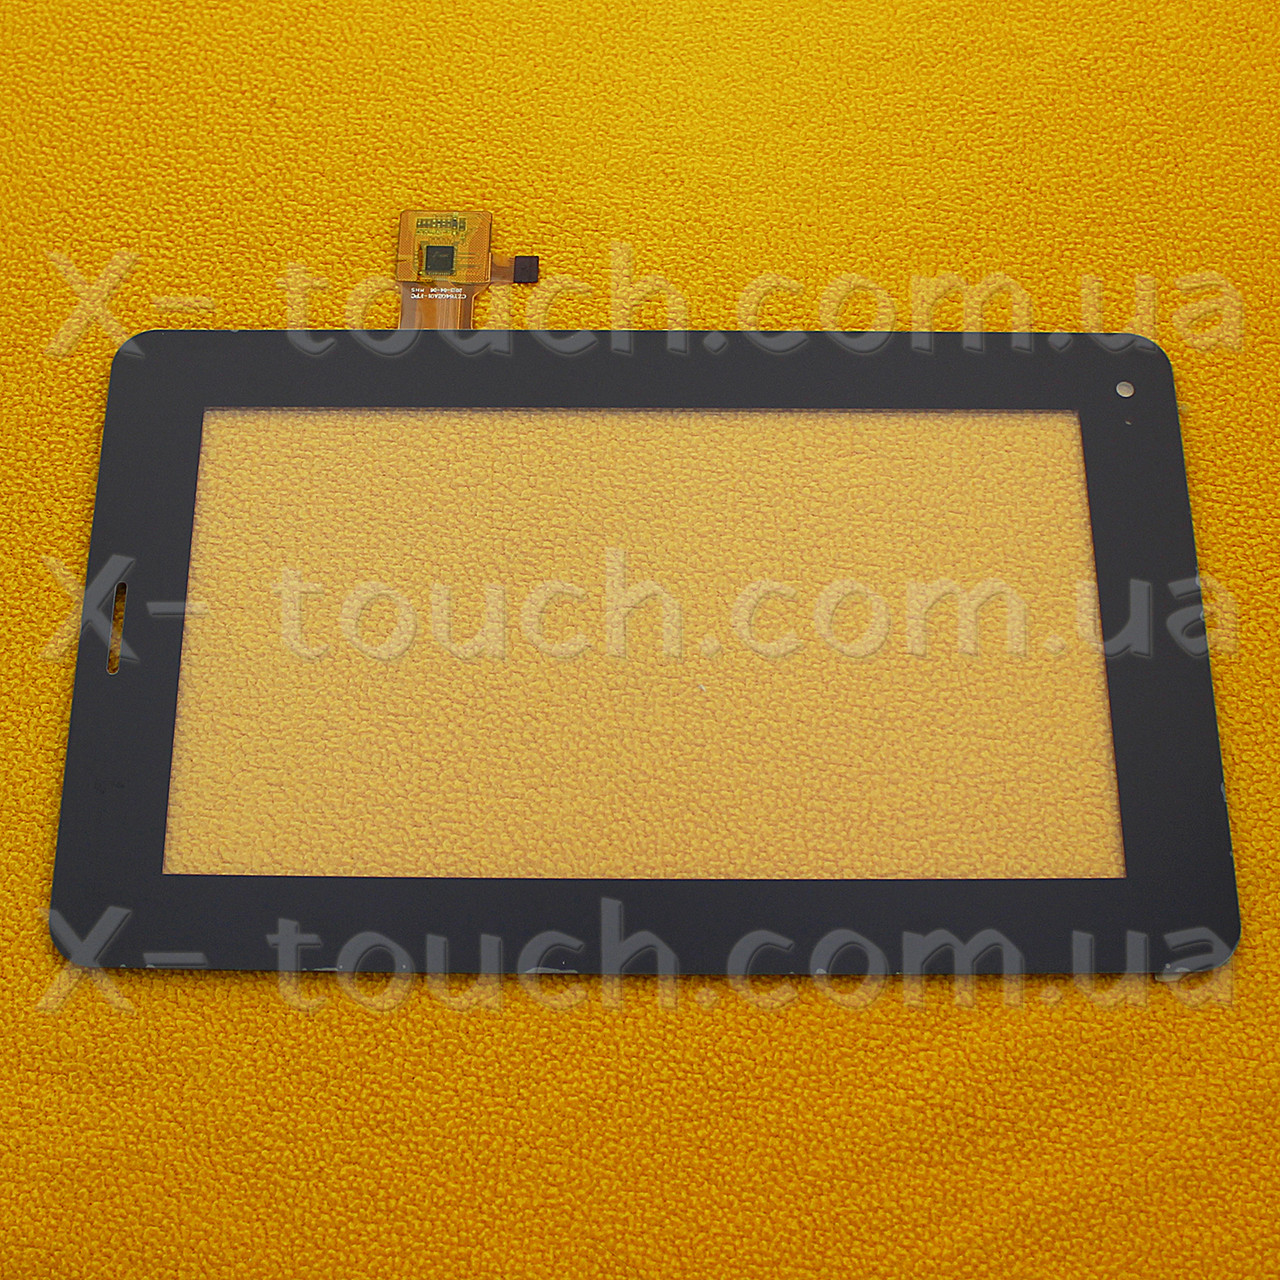 Тачскрин, сенсор  CZY6402A01-FPC  для планшета